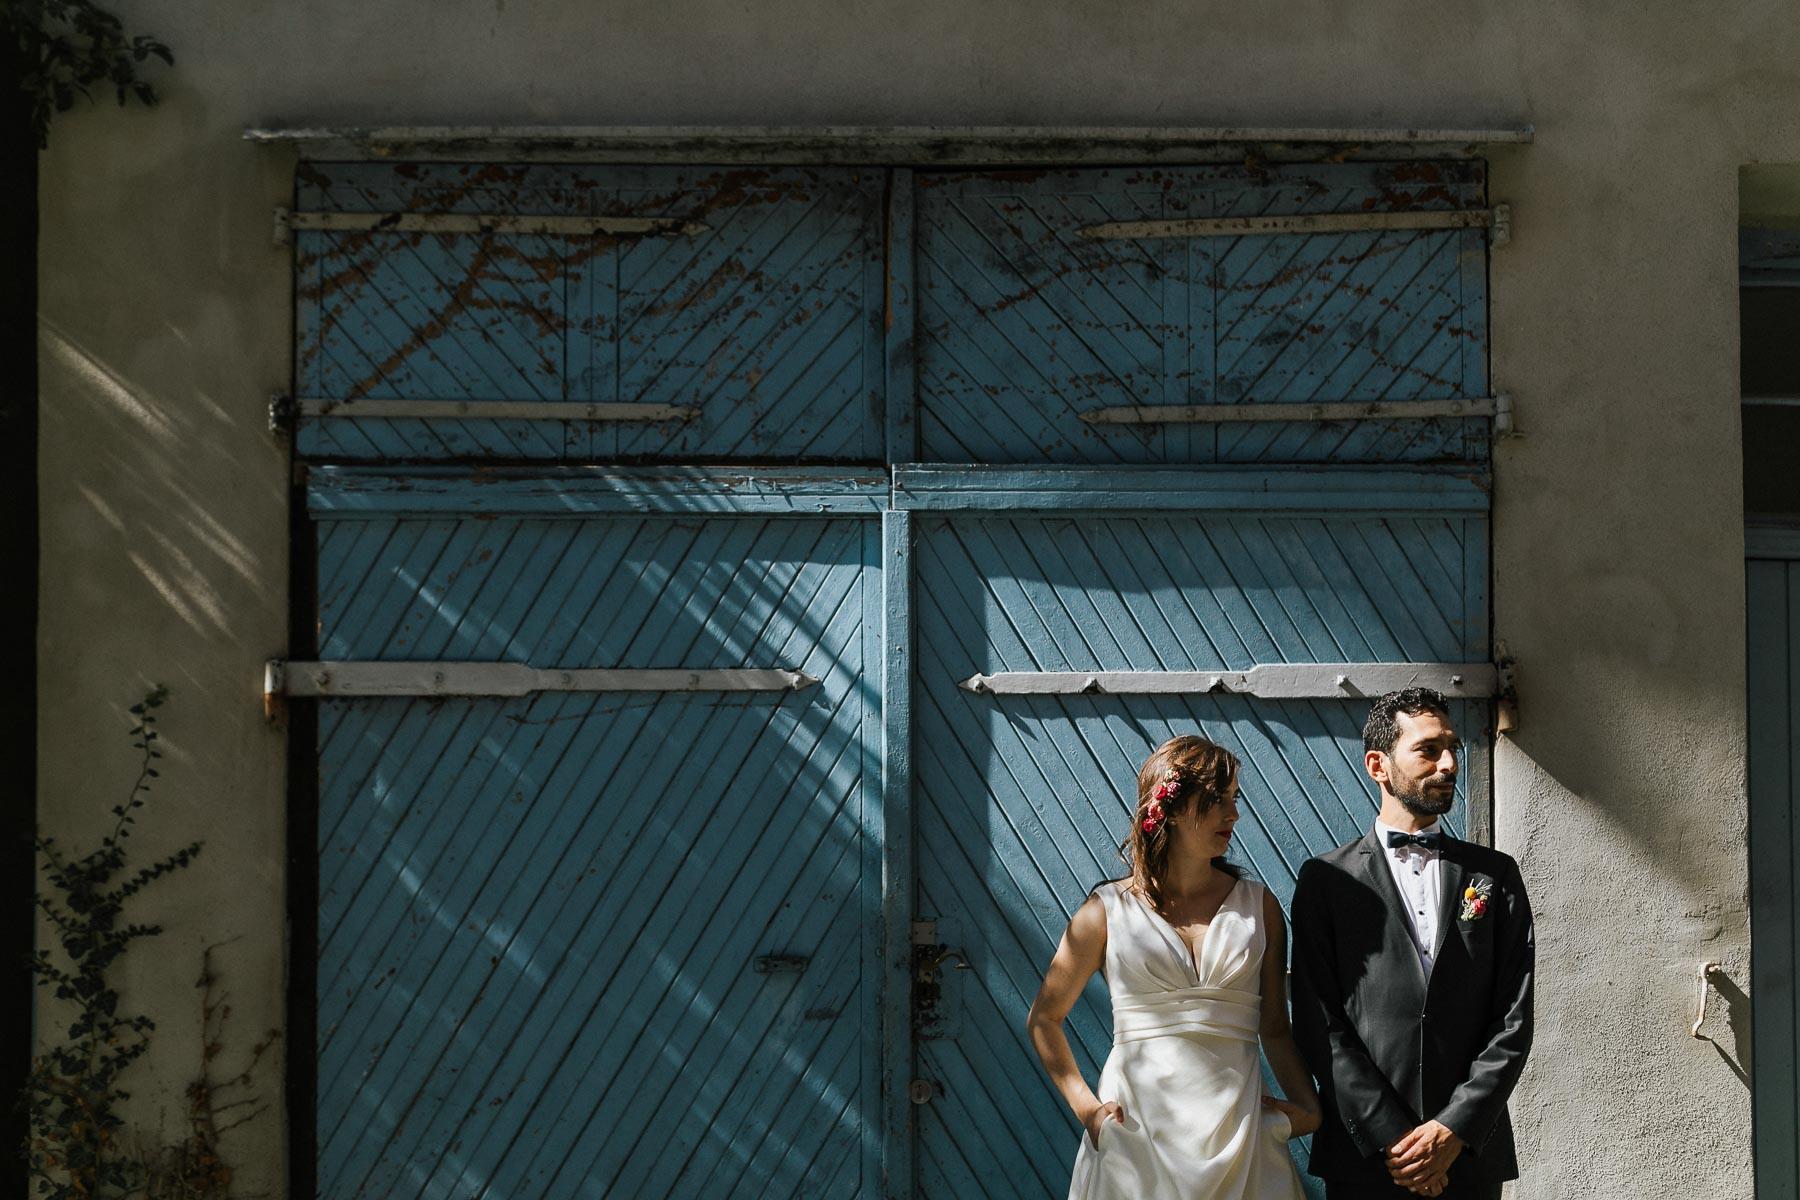 Hochzeitsbilder vom Hochzeitsfotograf in Ulm nach dem Standesamt